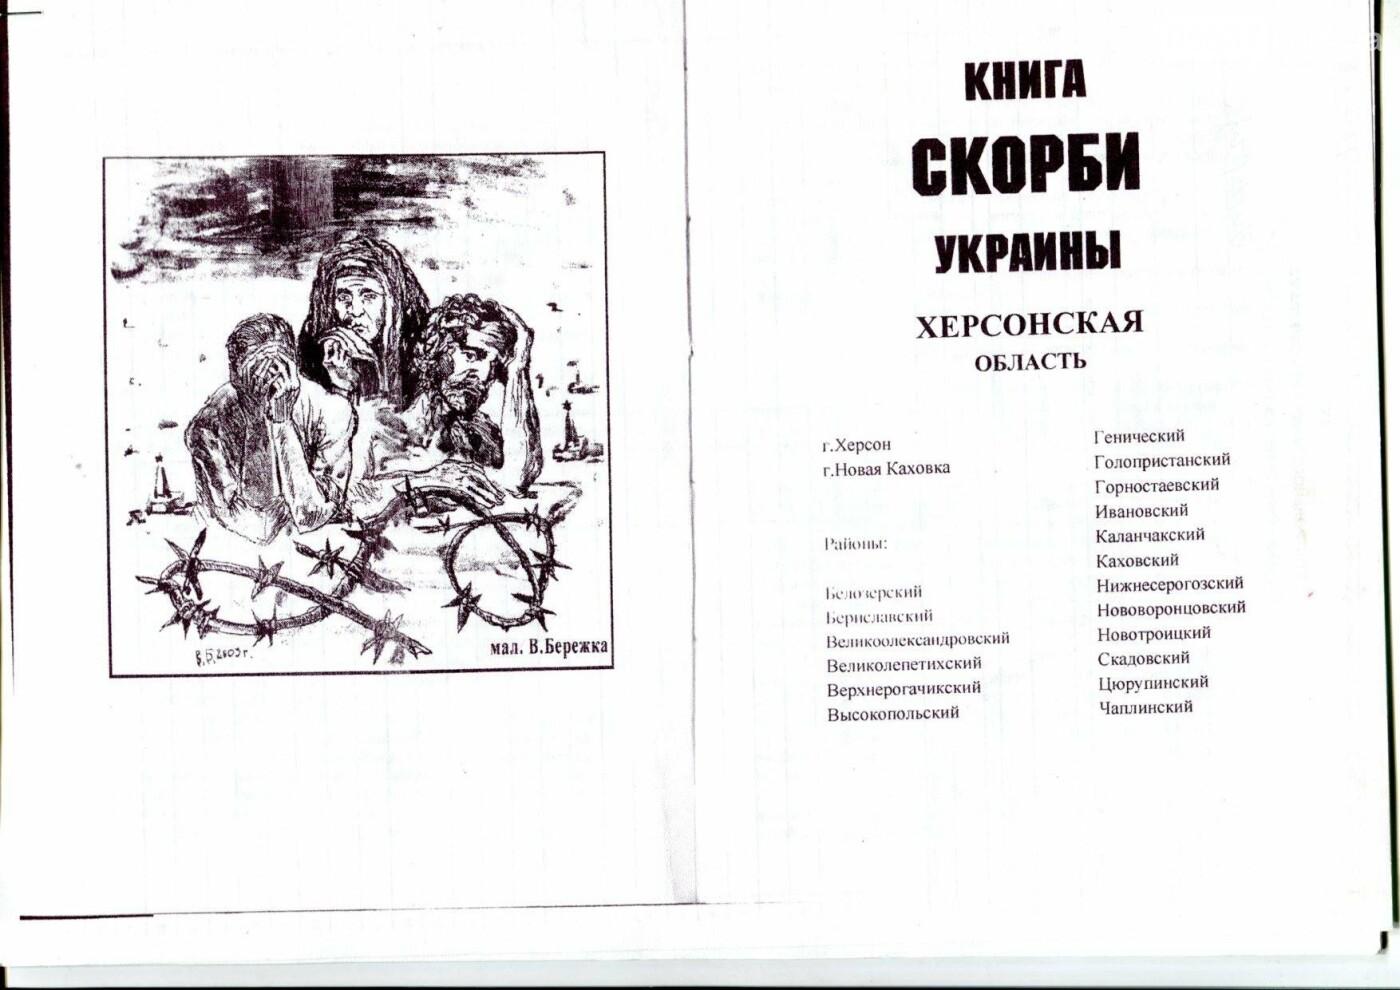 В Скадовском краеведческом музее рассказали о жертвах Холокоста, фото-2